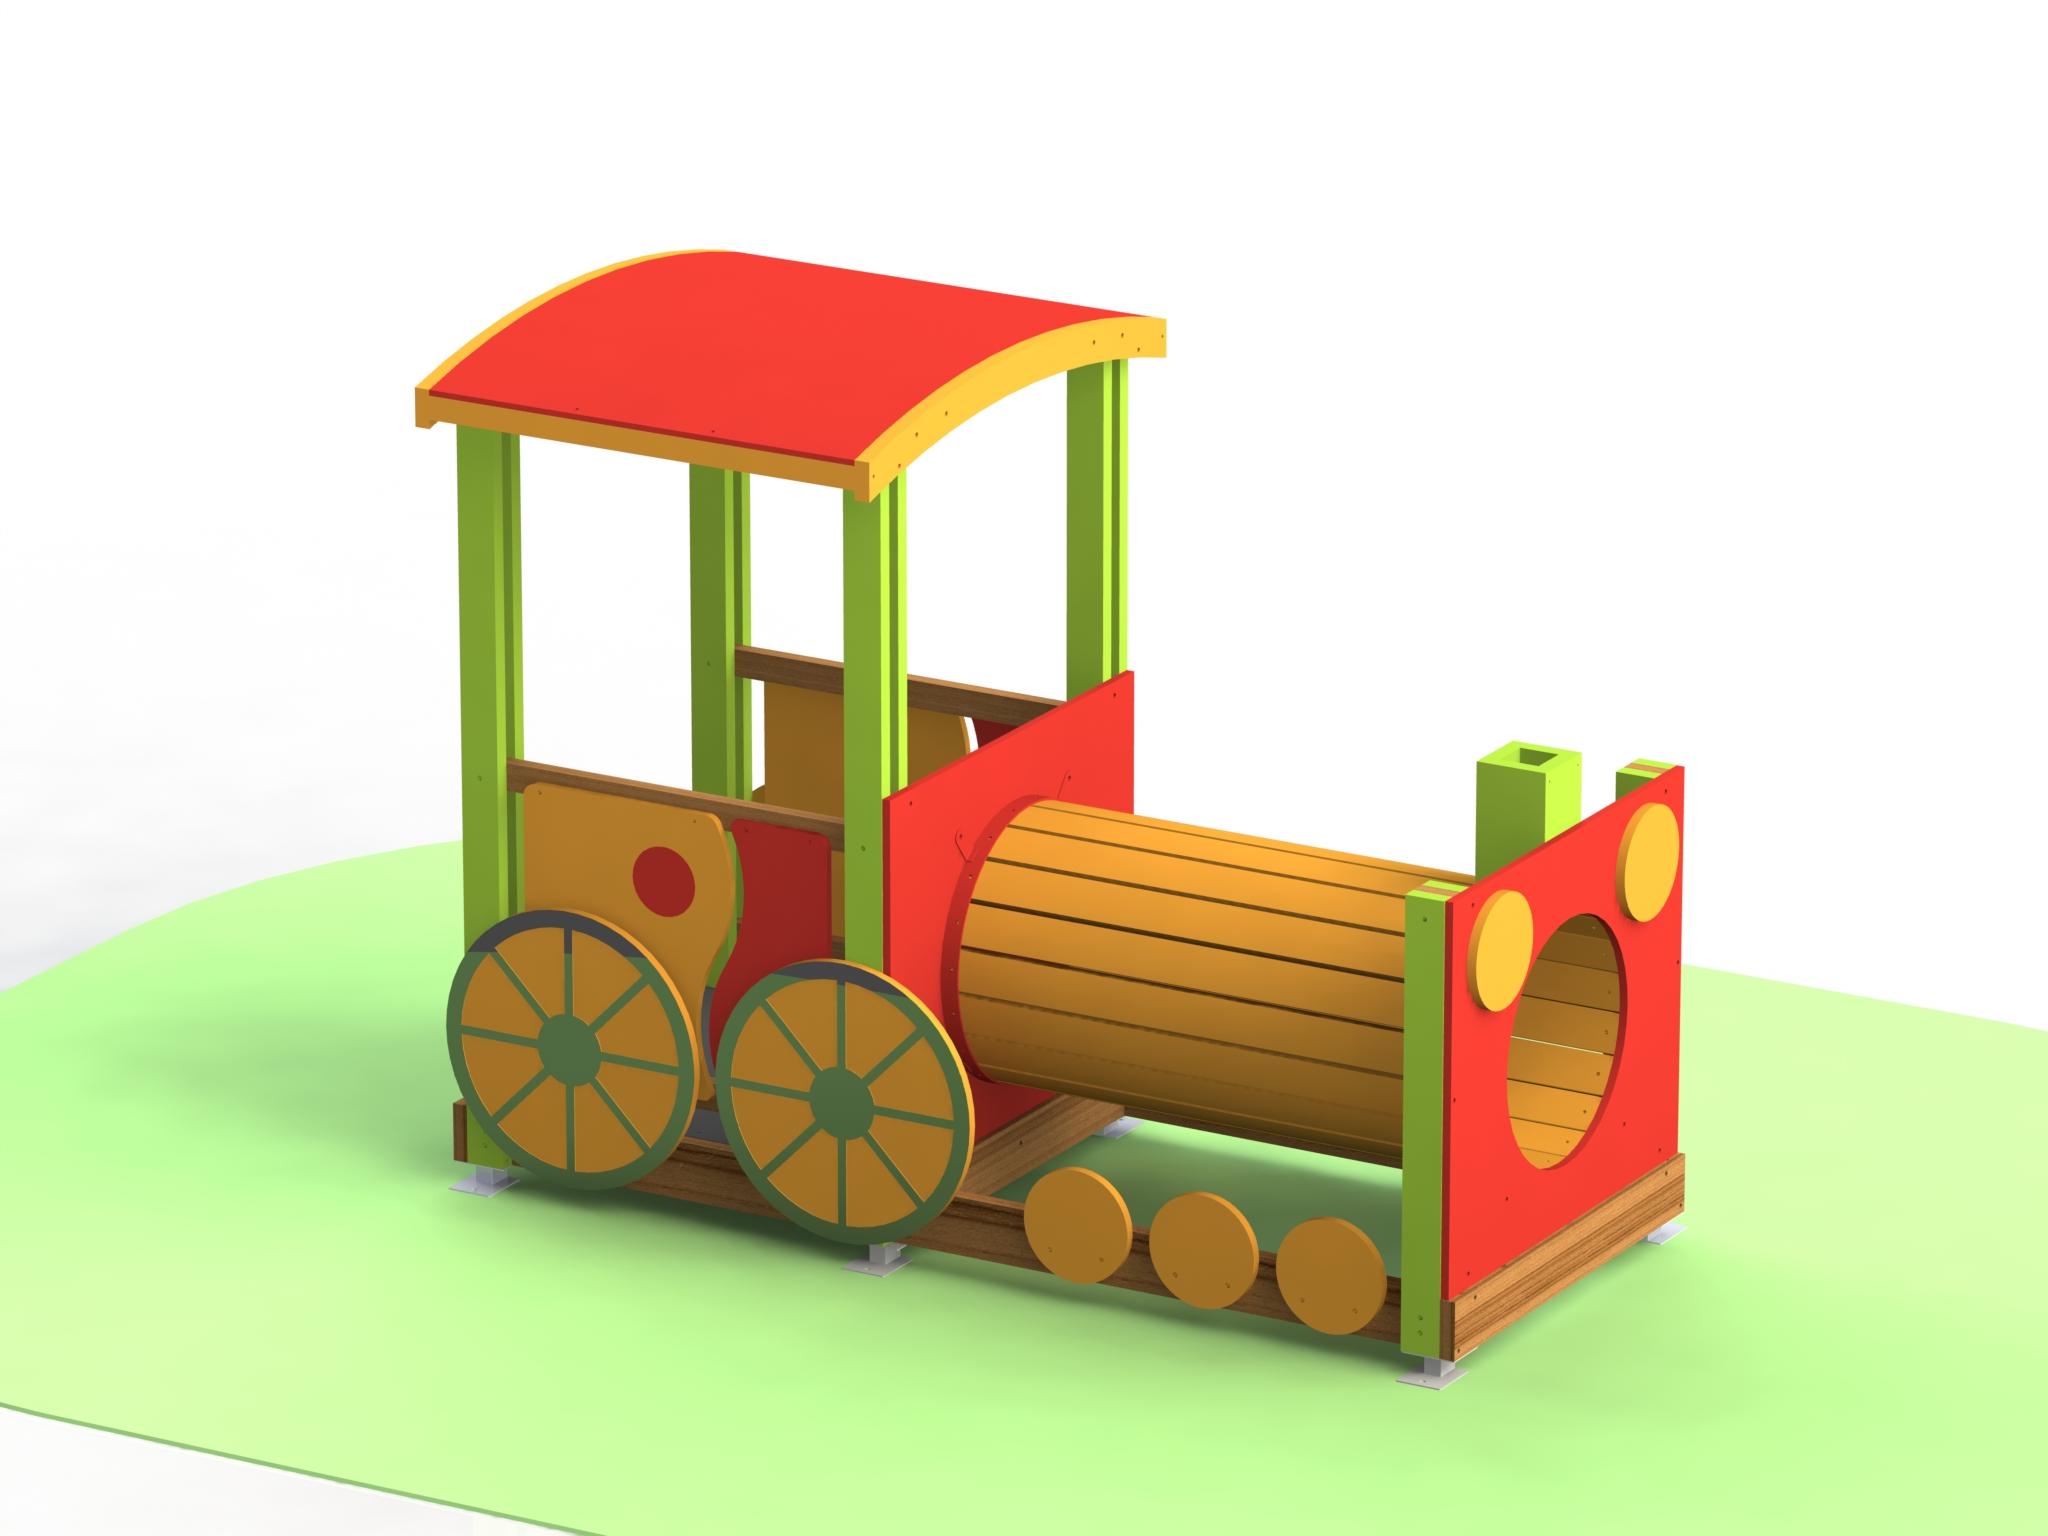 Снимка на продукта: Комбинирано детско съоръжение, модел Т10